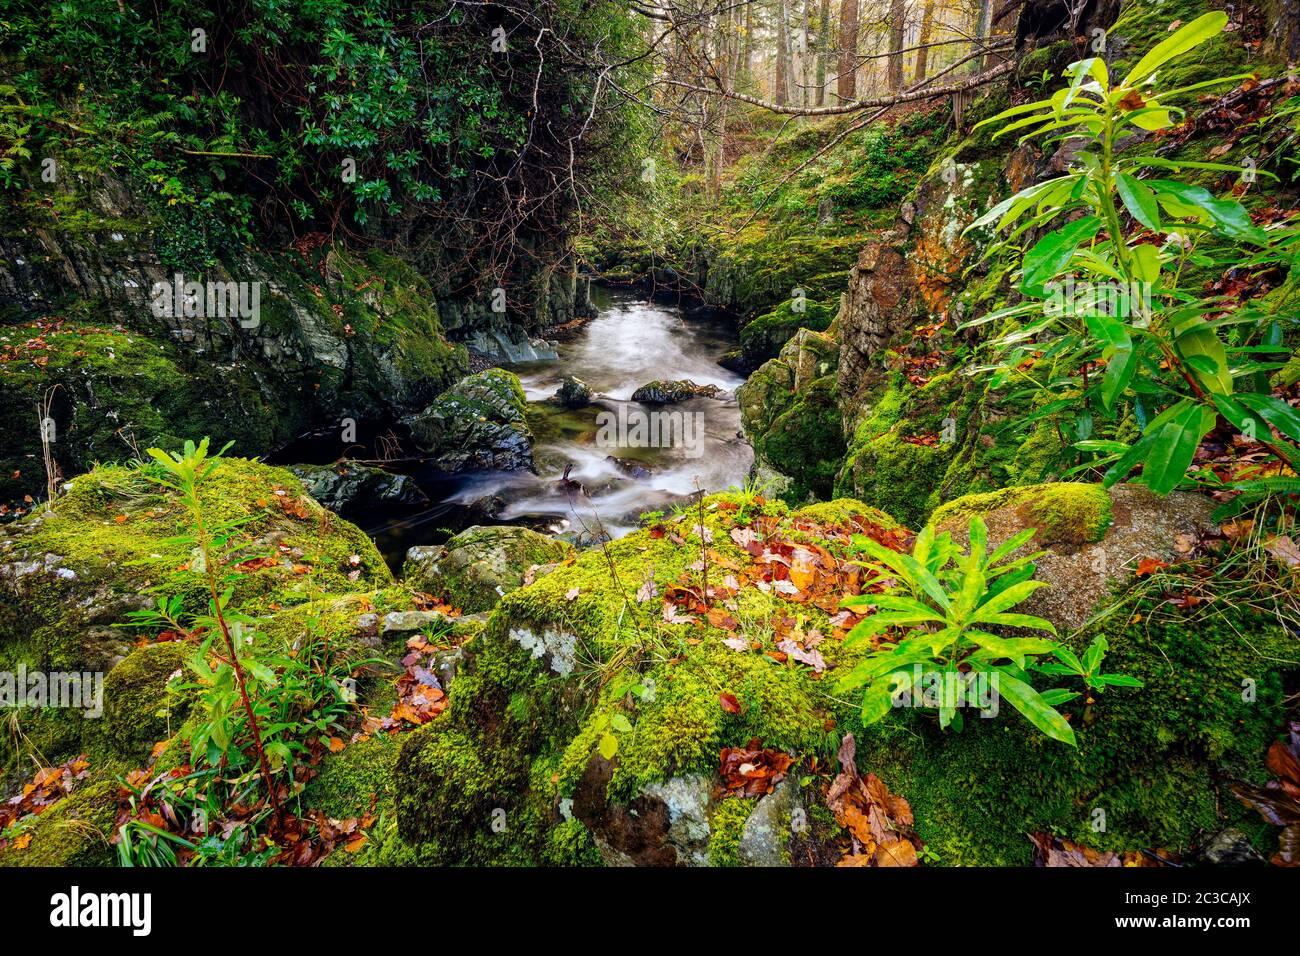 Cascadas y cascadas en arroyo o arroyo de montaña, entre rocas de musgo en el Parque Forestal Tollymore en otoño, Newcastle, County Down, Irlanda del Norte Foto de stock